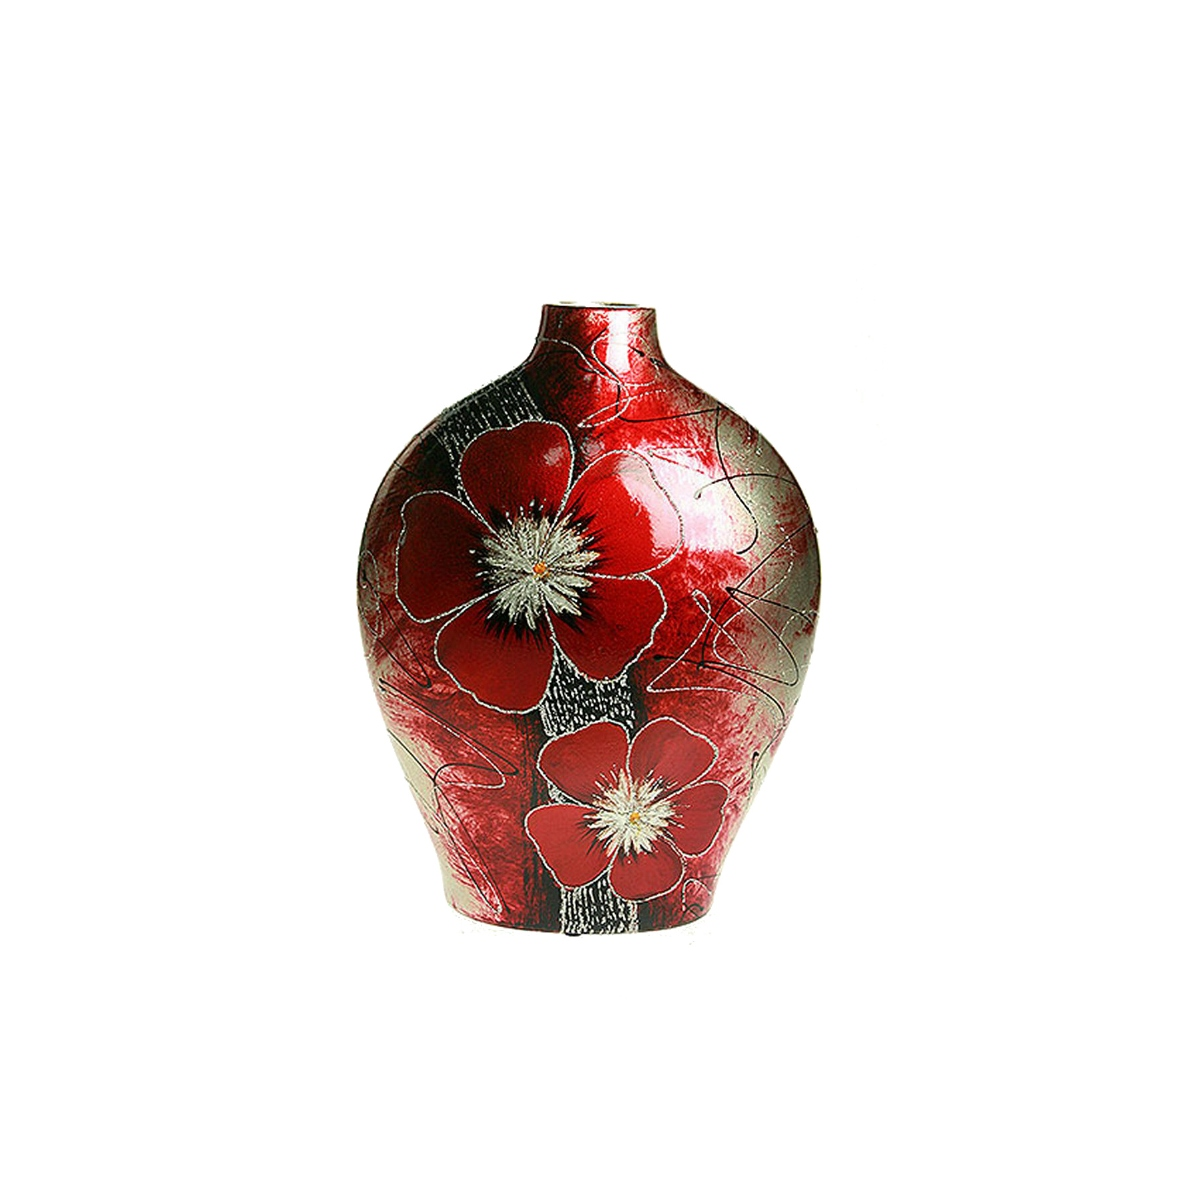 Ваза Русские Подарки Элегантная гвоздика, высота 29 см. 214520 ваза русские подарки винтаж высота 31 см 123710